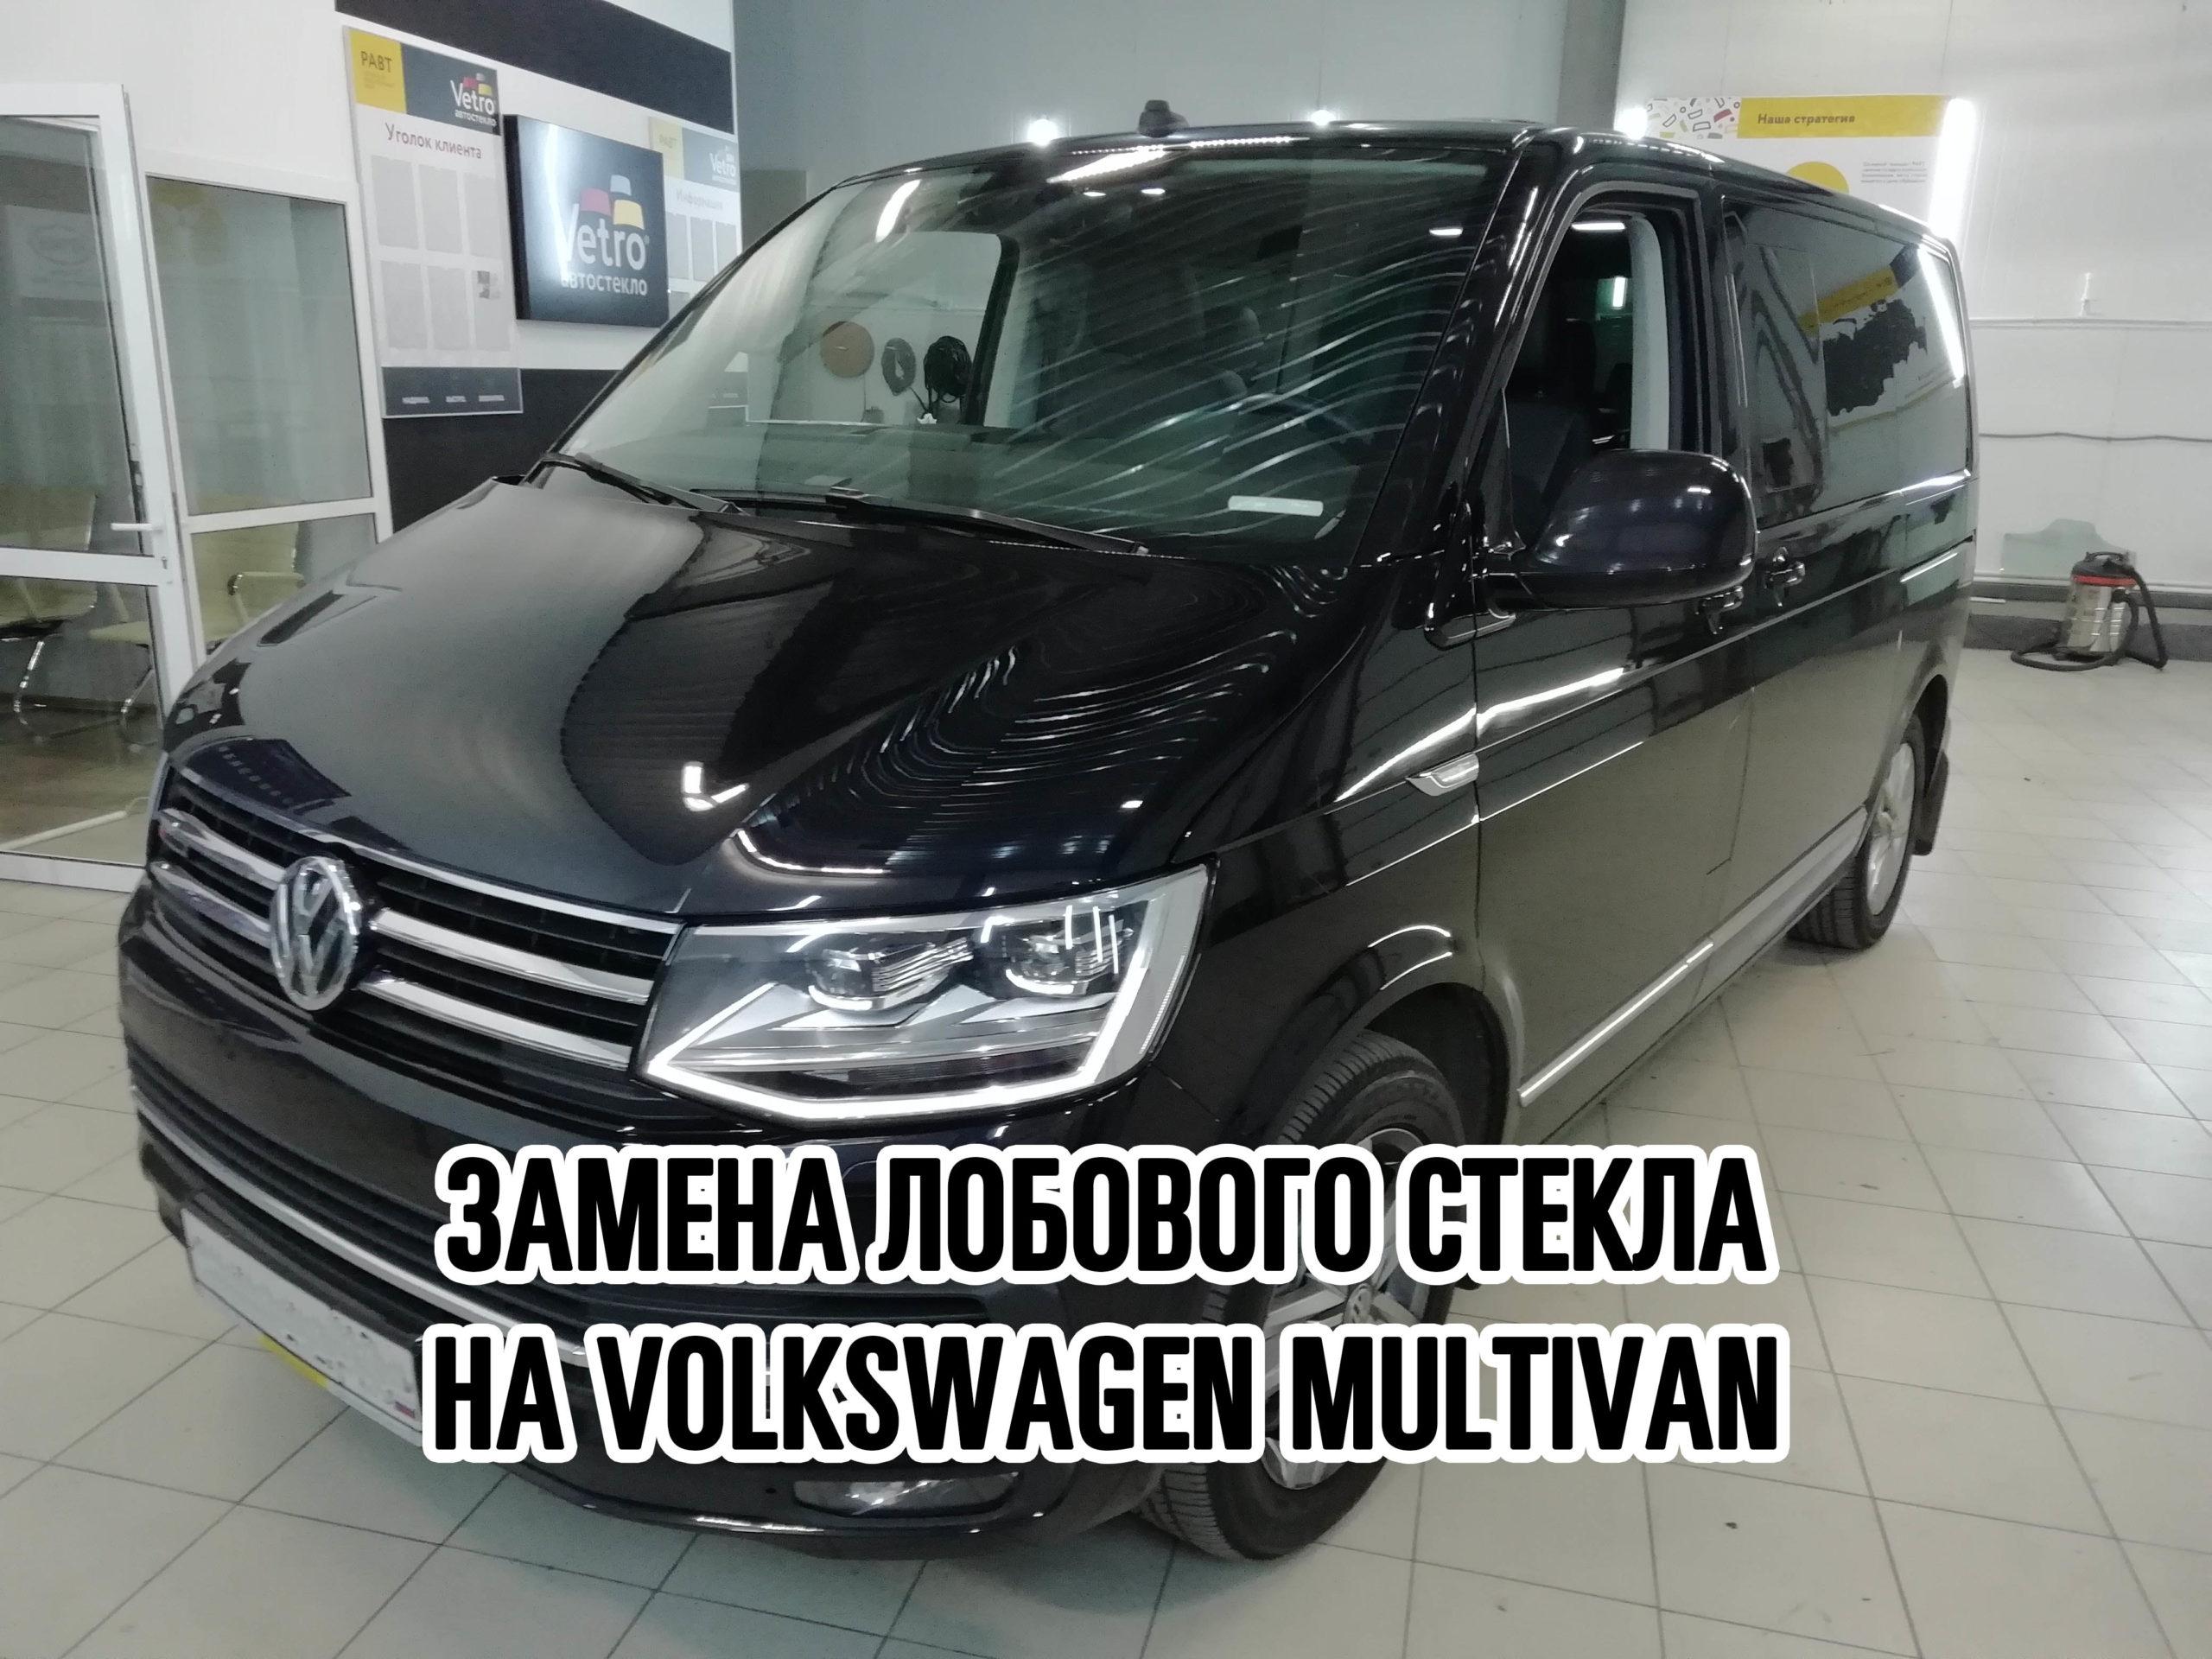 Лобовое стекло на Volkswagen Multivan купить и установить в Москве